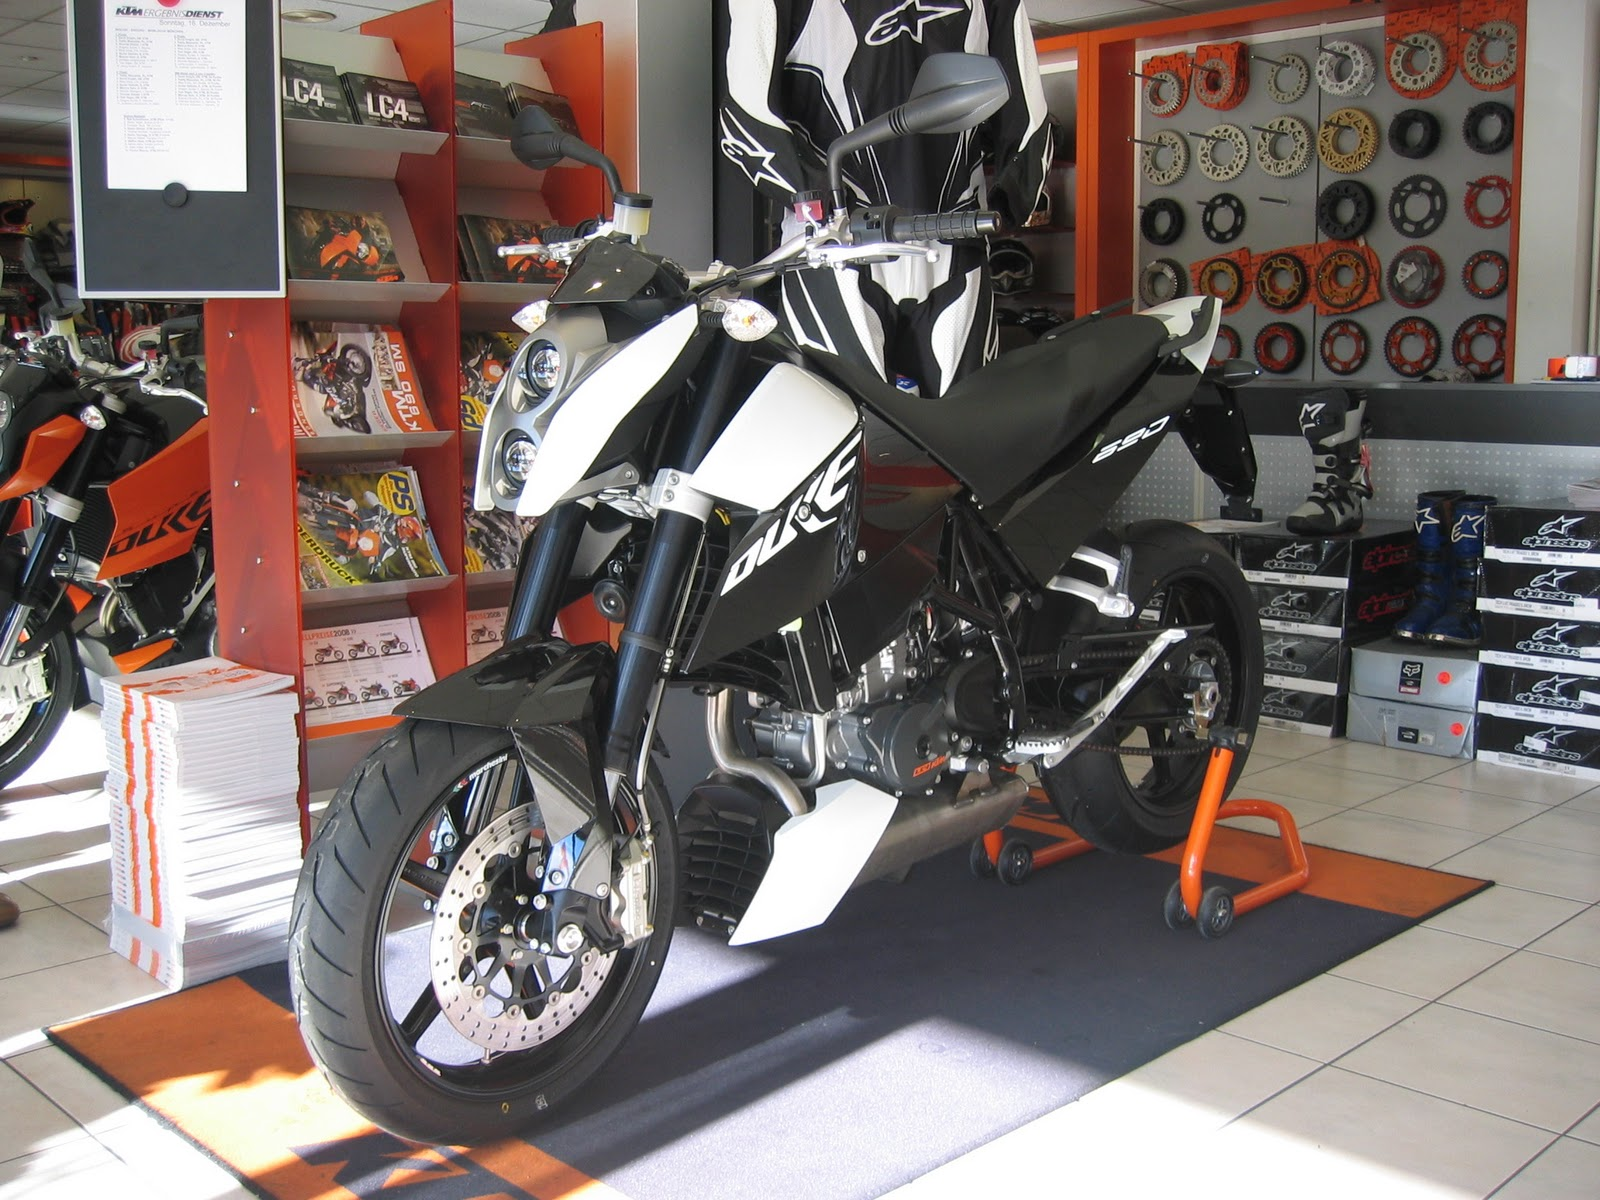 http://2.bp.blogspot.com/-xGKvH37Au0I/TpgfFmCUZmI/AAAAAAAAAfo/AjS7X_IQ6-E/s1600/KTM_690_Duke.JPG